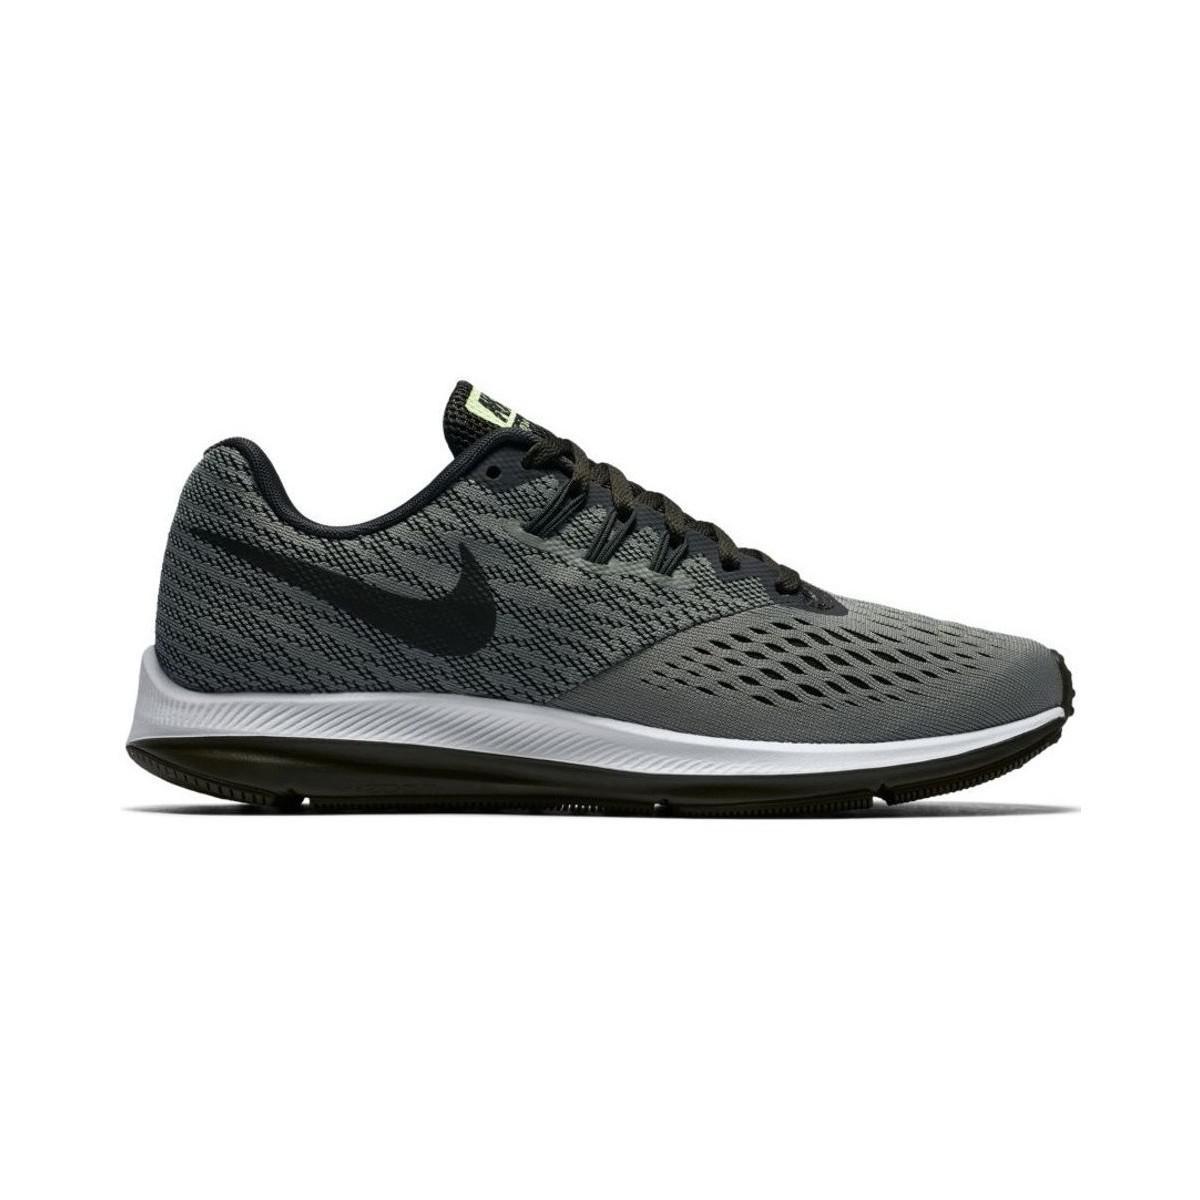 8a6fe0a402b Nike Zoom Winflo 4 Shoe W Women s Shoes (trainers) In Black in Black ...